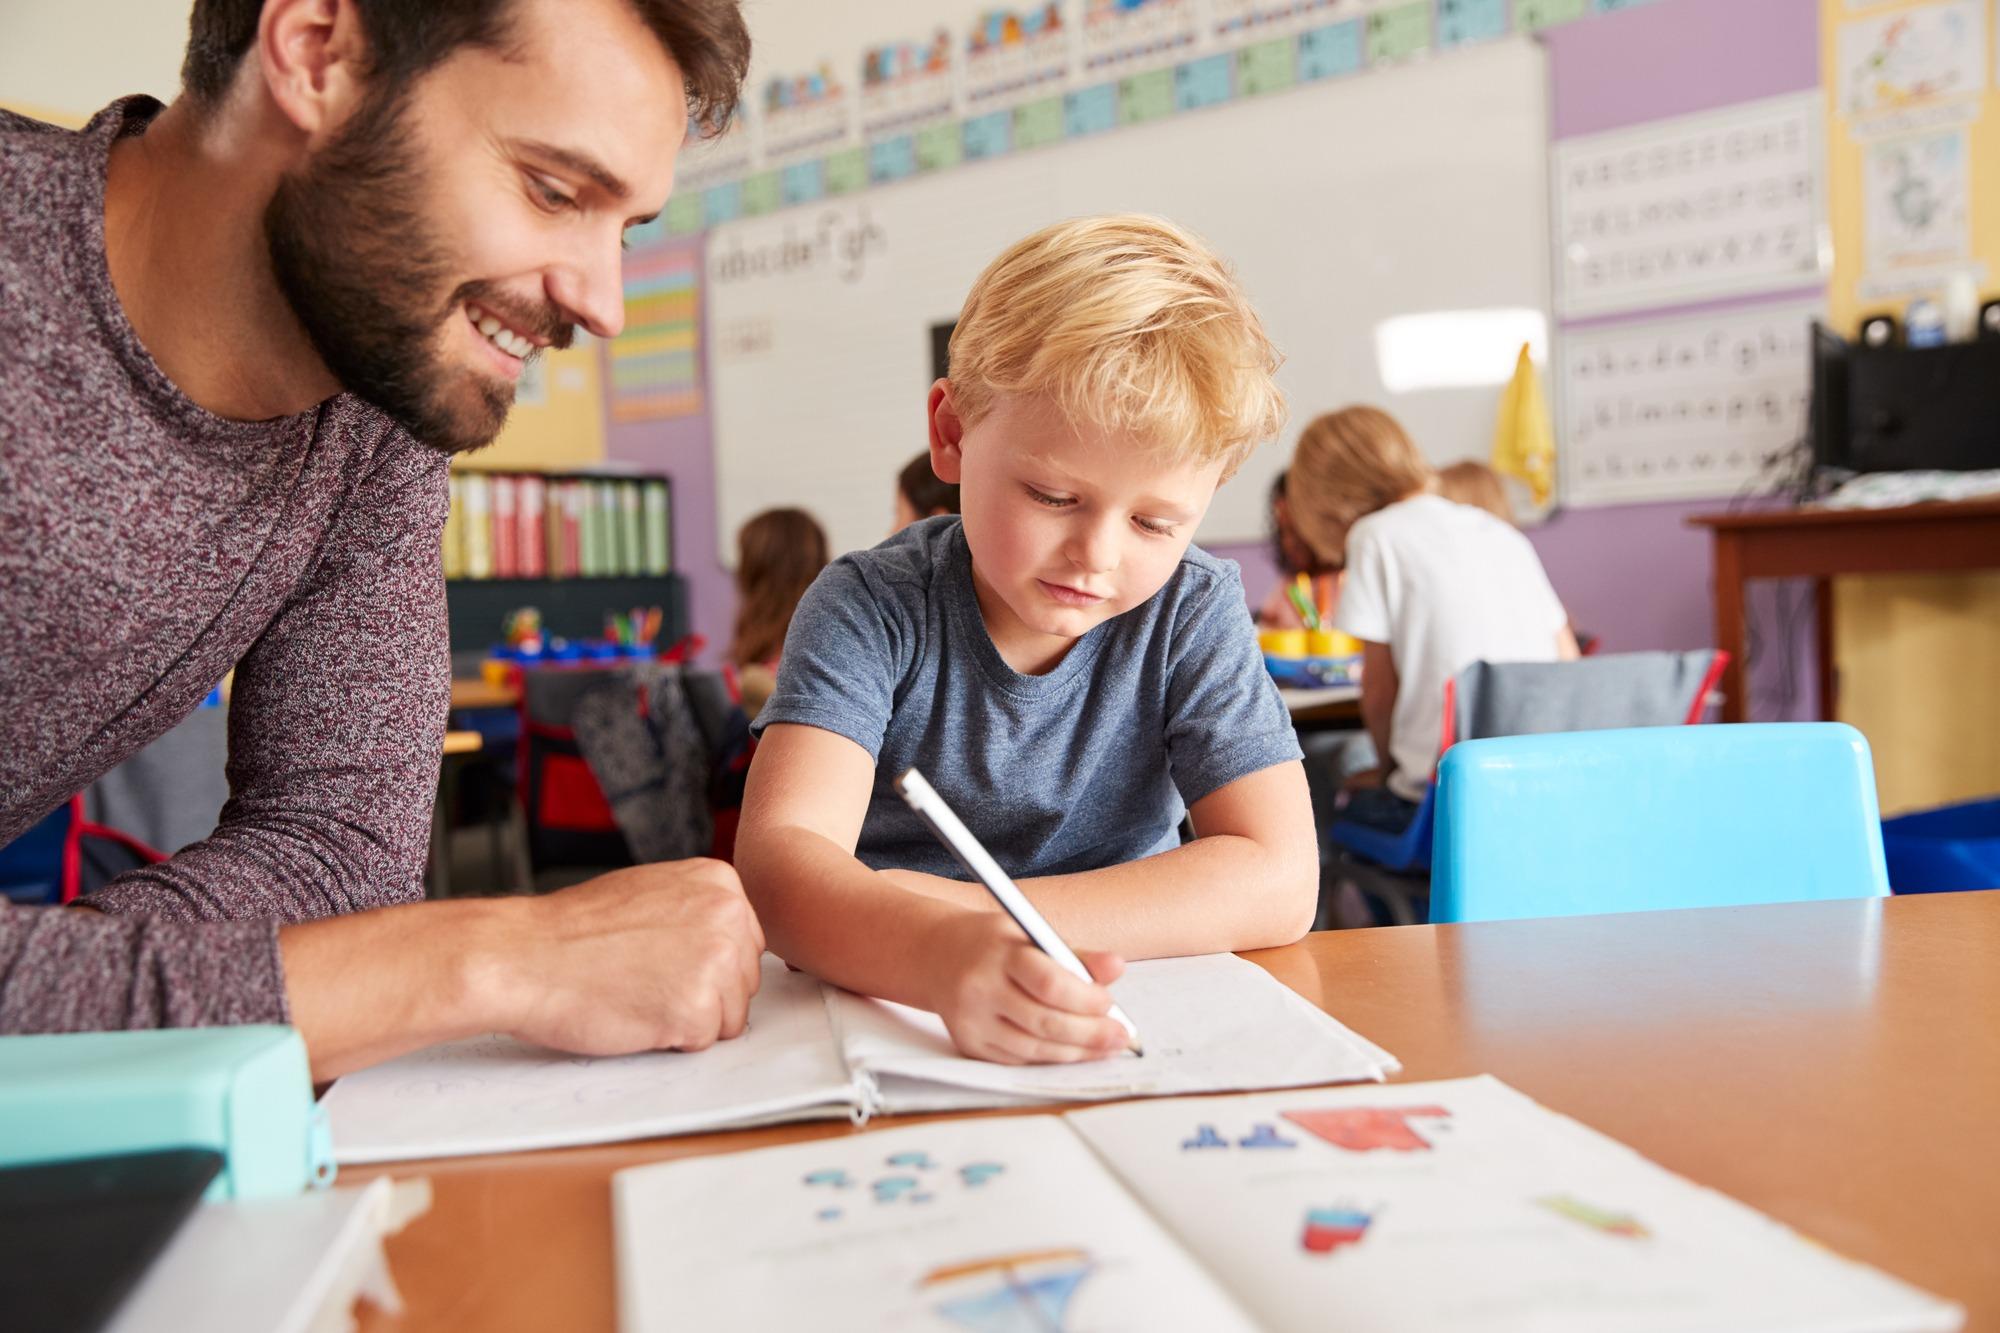 egale-utile-rinunciare-all-insegnante-di-sostegno-l-104